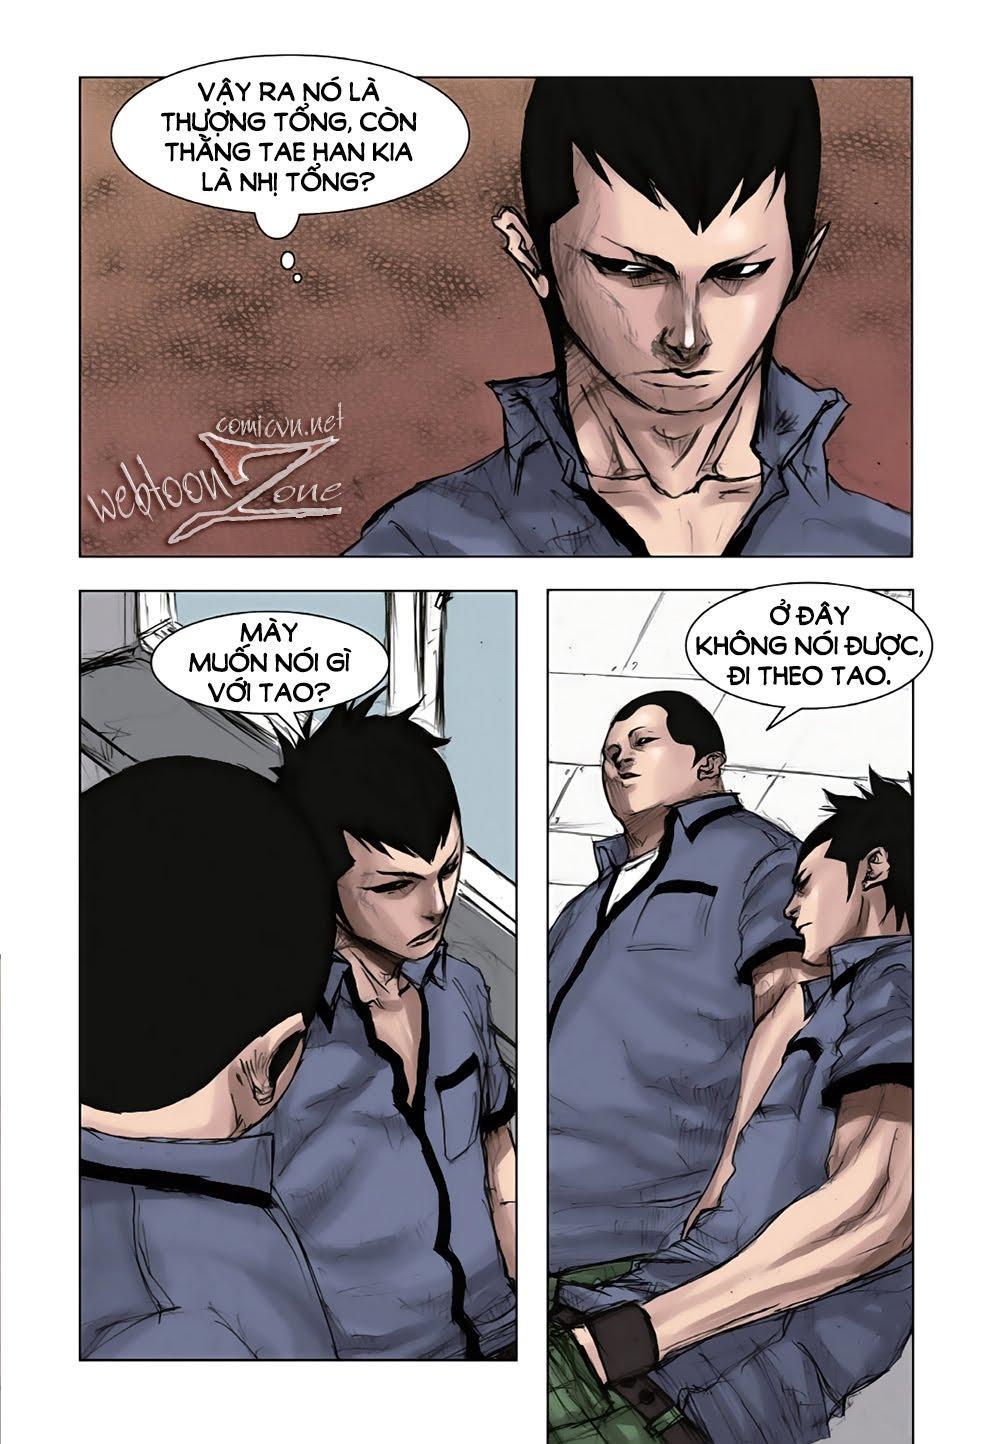 Tong phần 1-1 trang 28